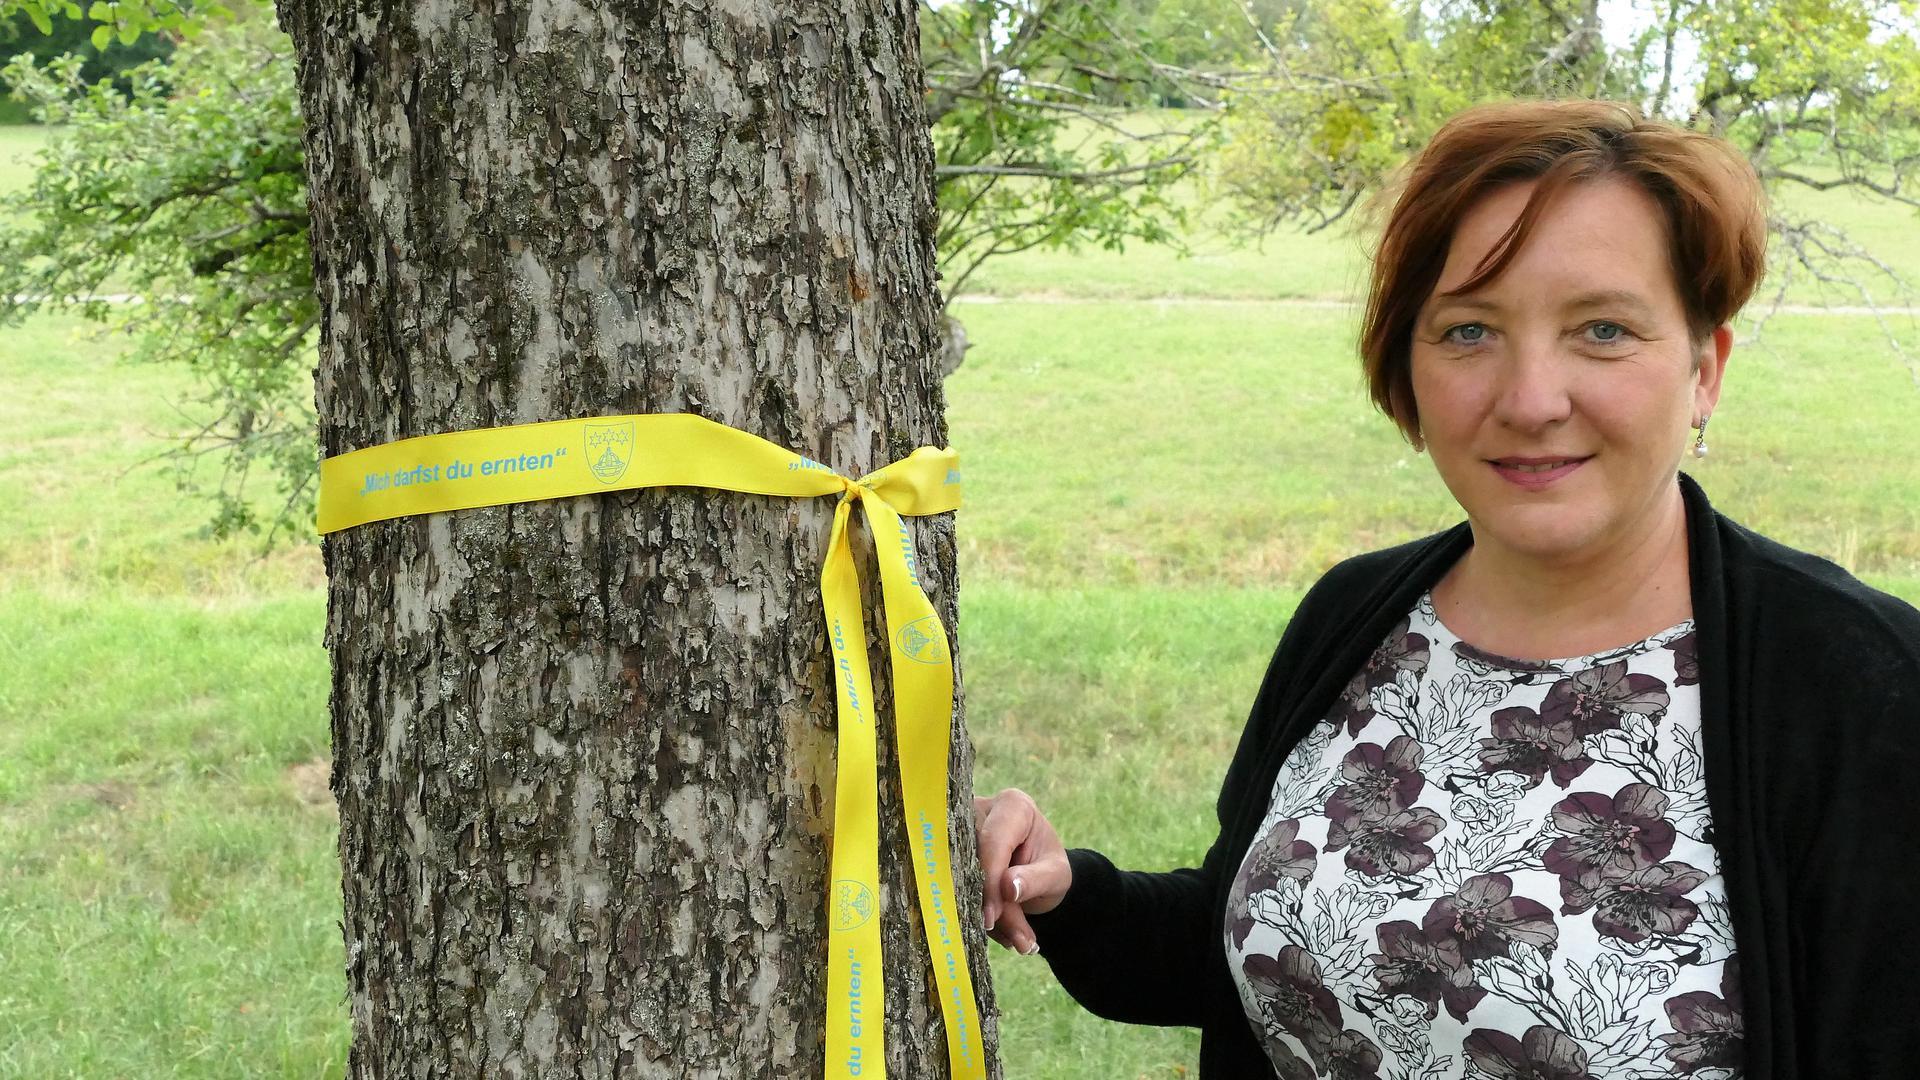 Silke Engelsberger bringt ein Gelbes Band an einem Apfelbaum an